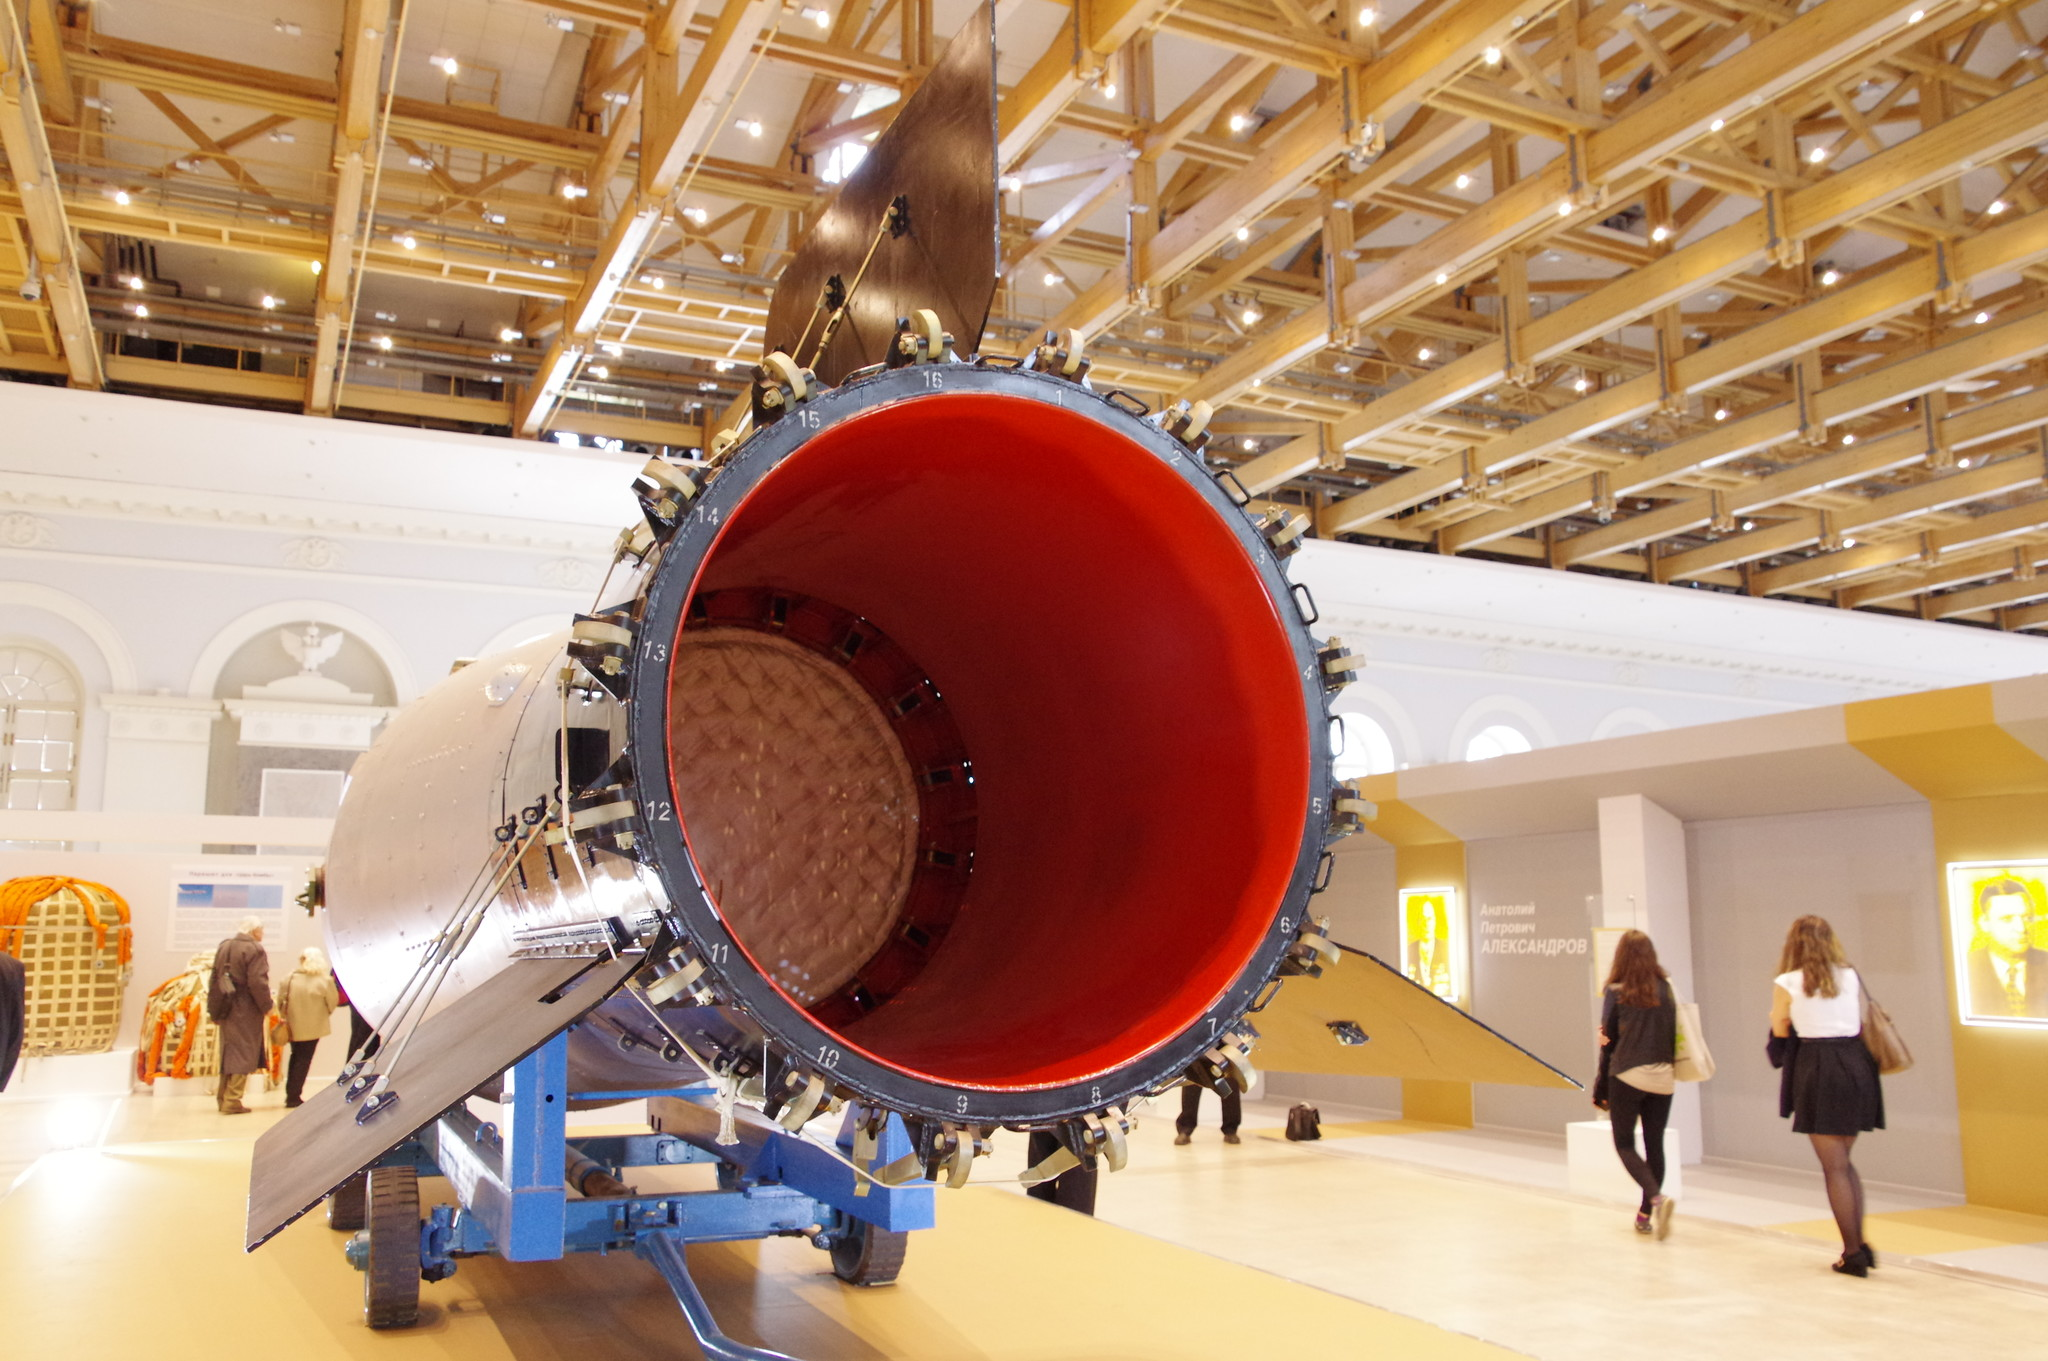 Макет термоядерной бомбы АН602, находящийся в Саровском ядерном центре (РФЯЦ-ВНИИФ)